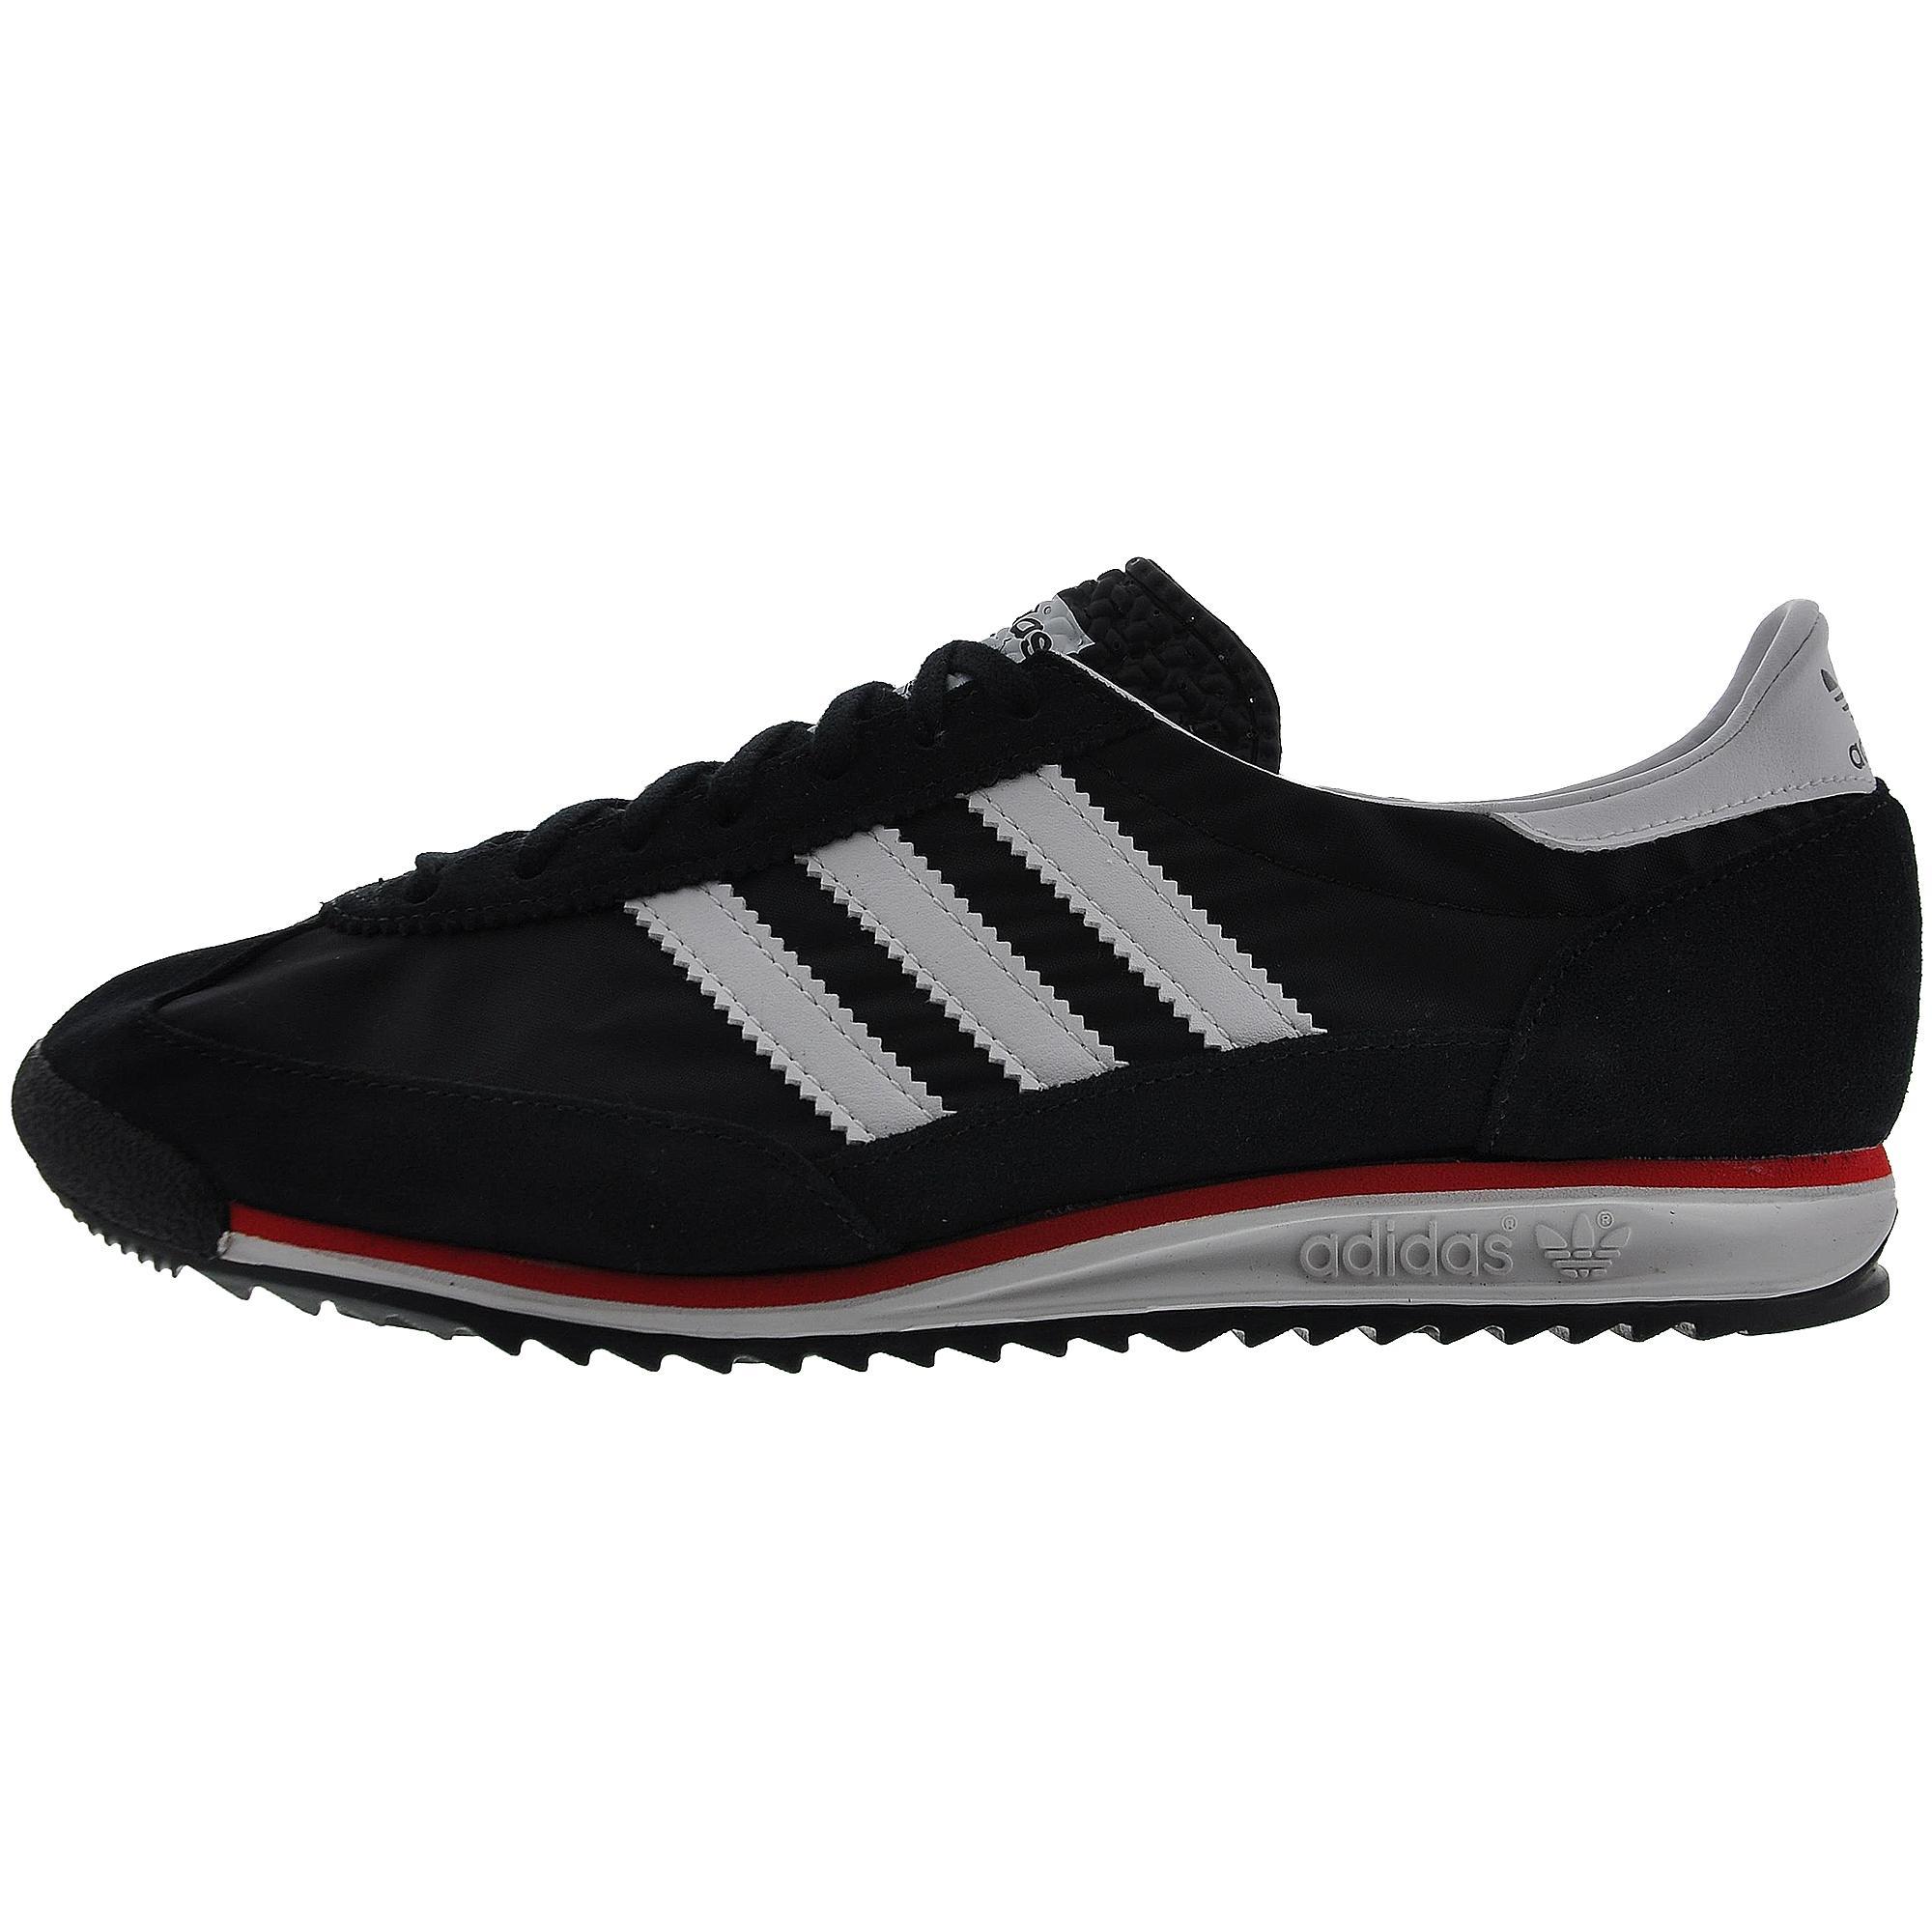 plus récent ea258 843bb adidas Sl 72 SS16 Erkek Spor Ayakkabı